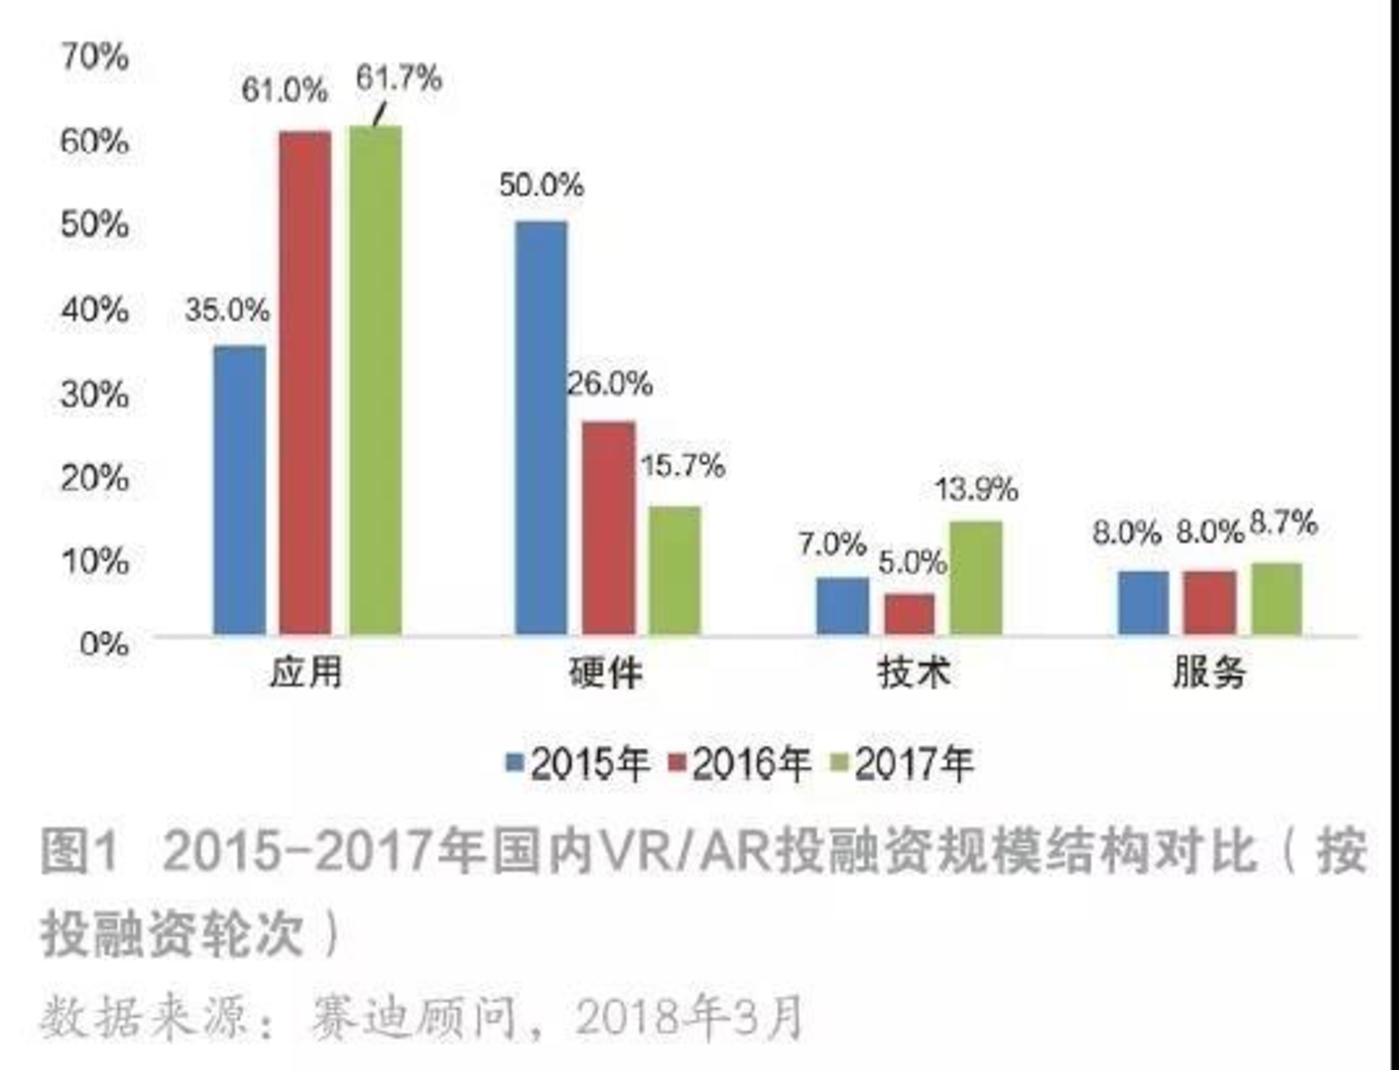 从国内VR/AR投融资结构对比看,技术的投资占比并不高